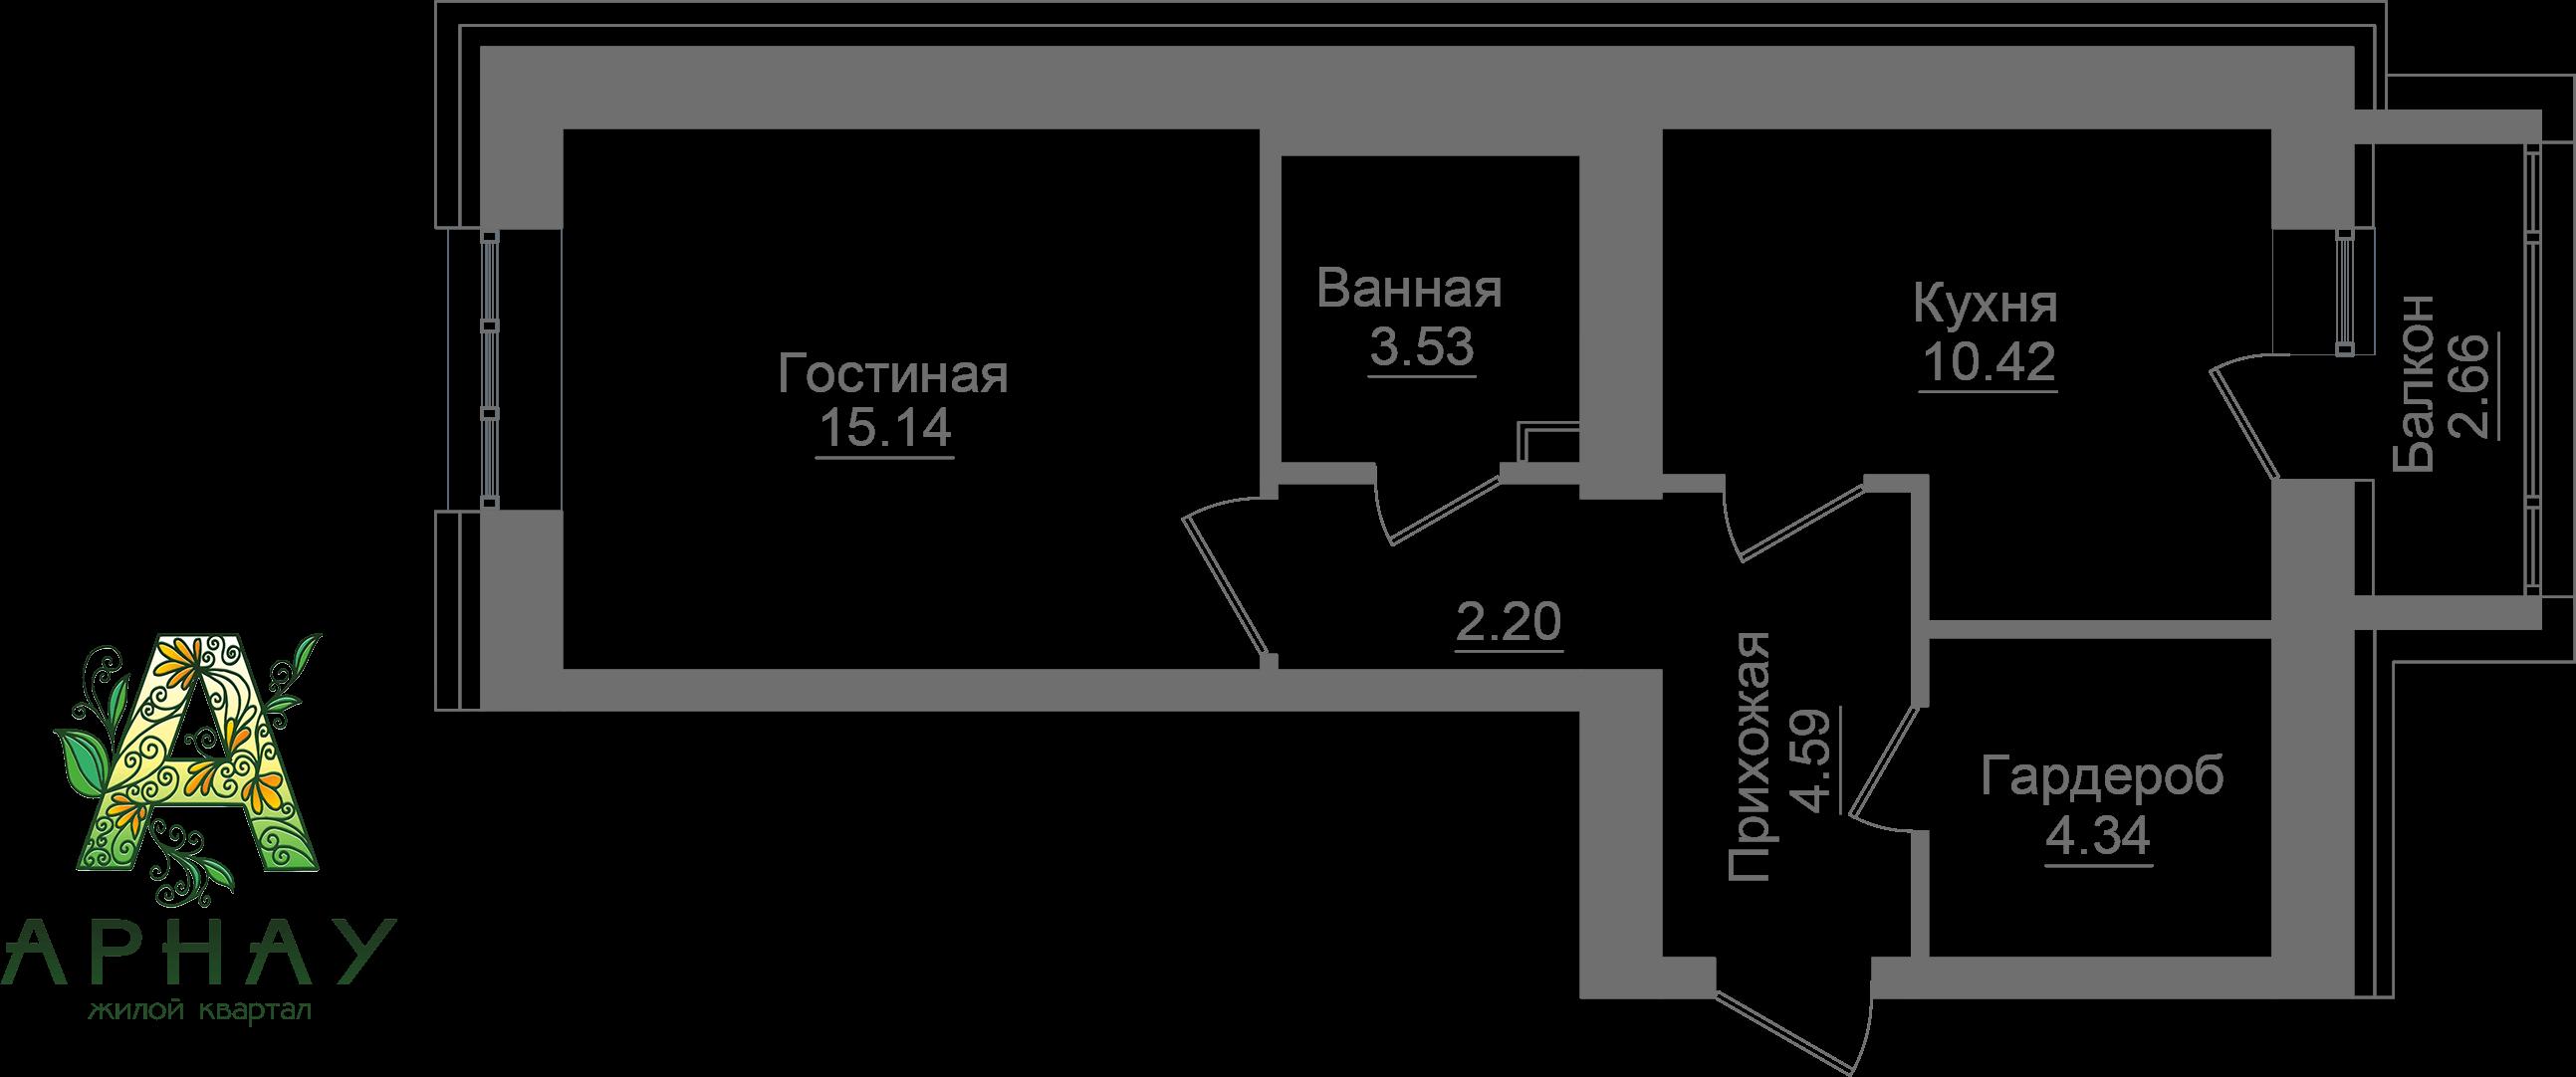 Квартира 169